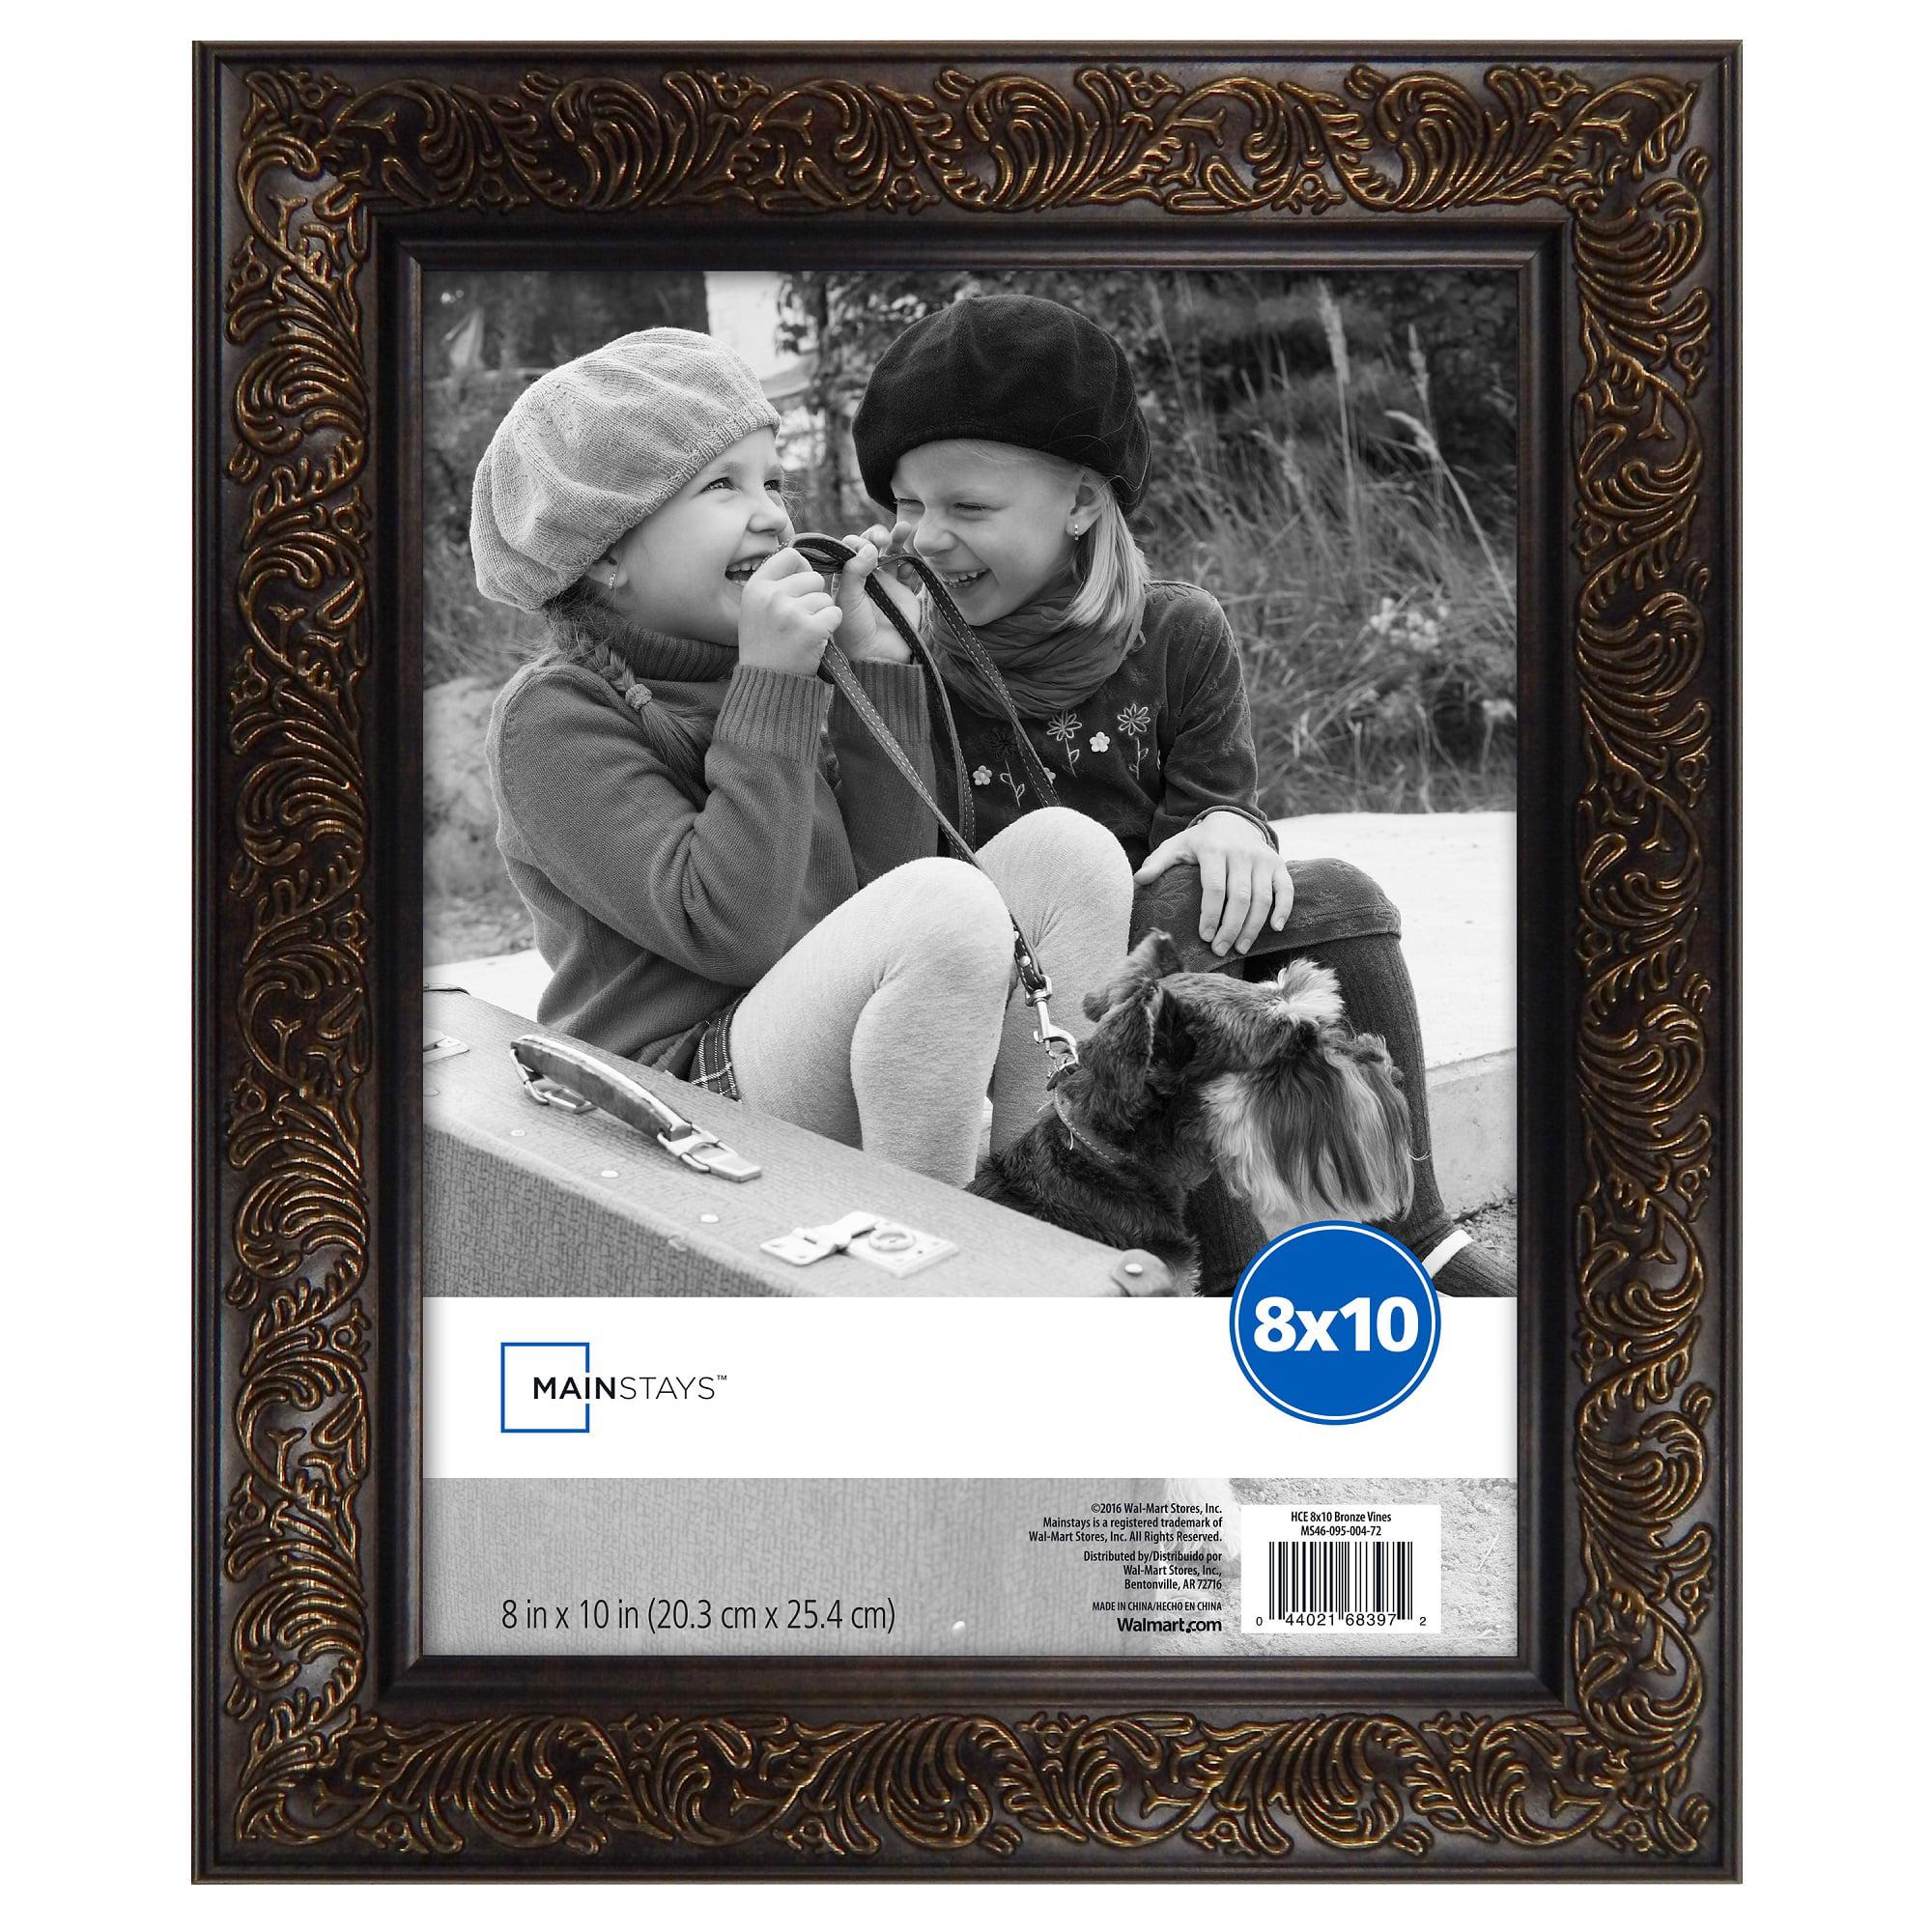 Nett Walmart 8x10 Rahmen Fotos - Benutzerdefinierte Bilderrahmen ...